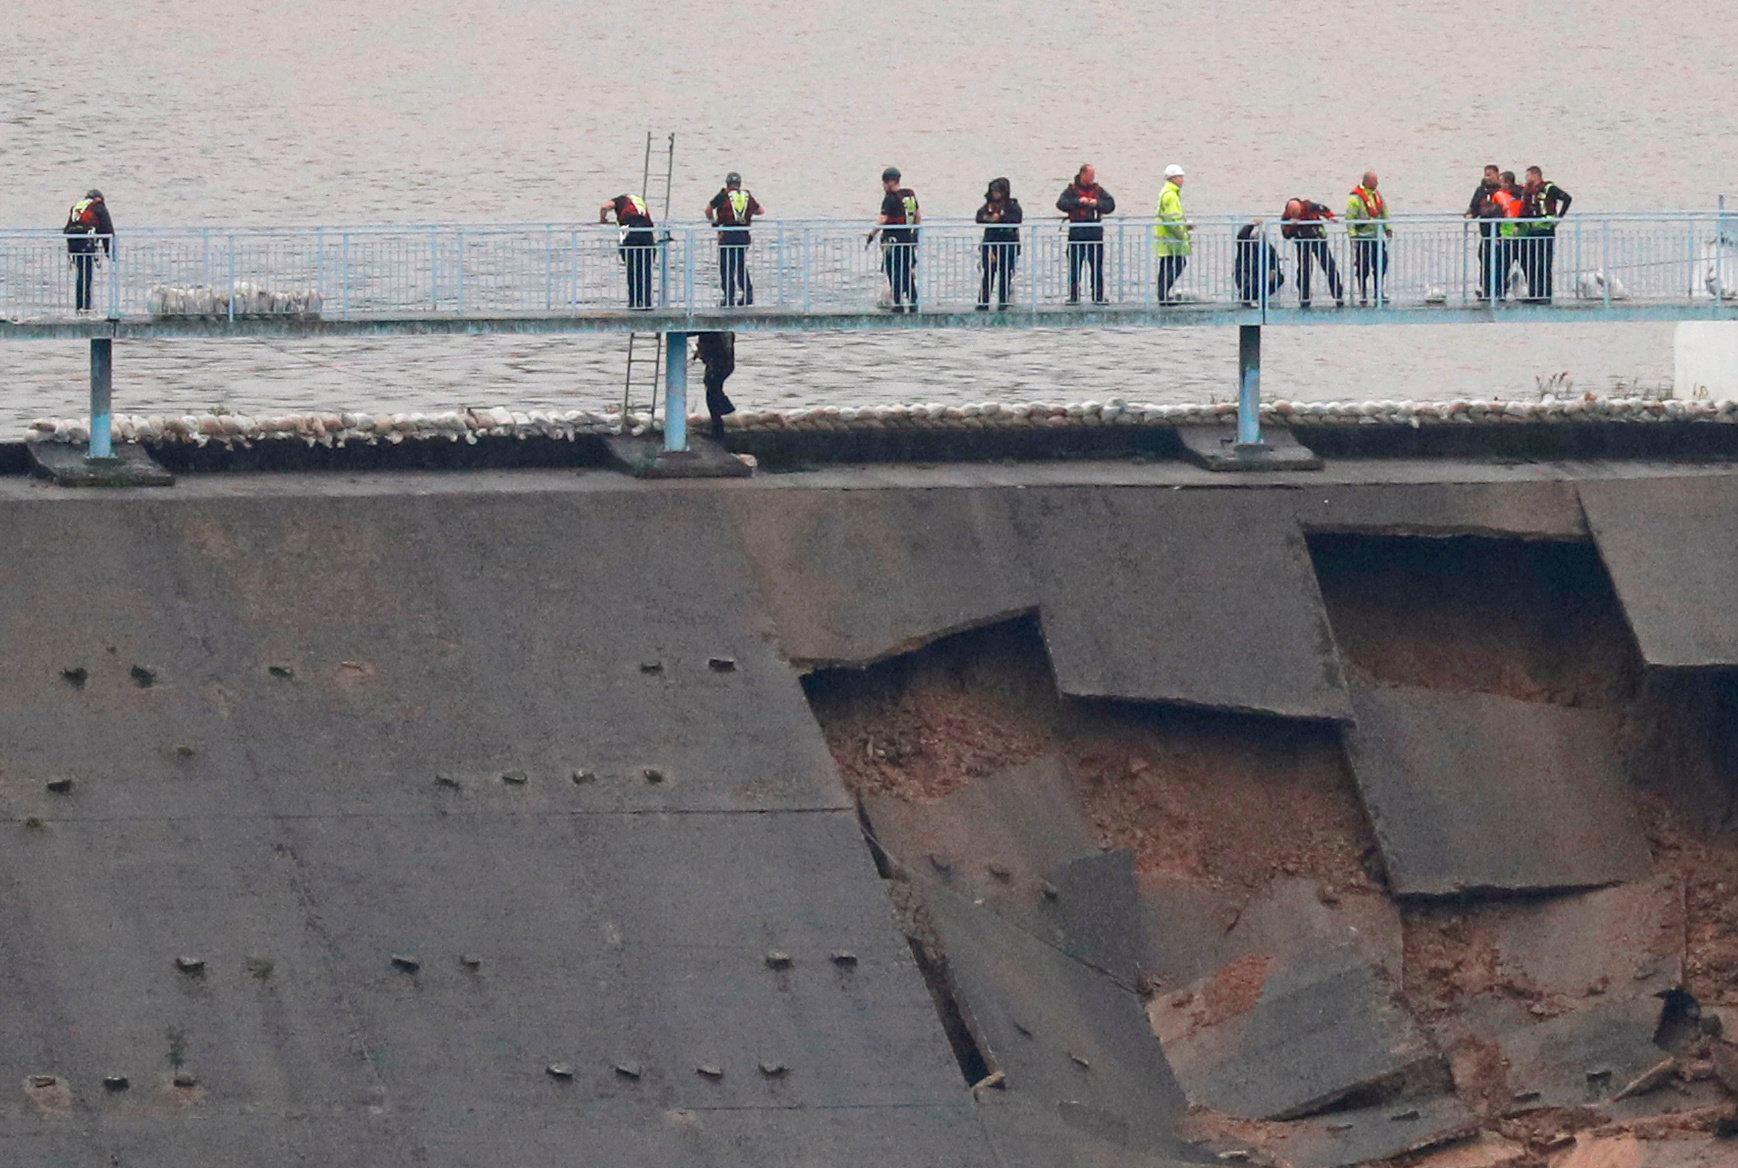 El posible derrumbe de una presa obliga a evacuar a miles de personas en Reino Unido